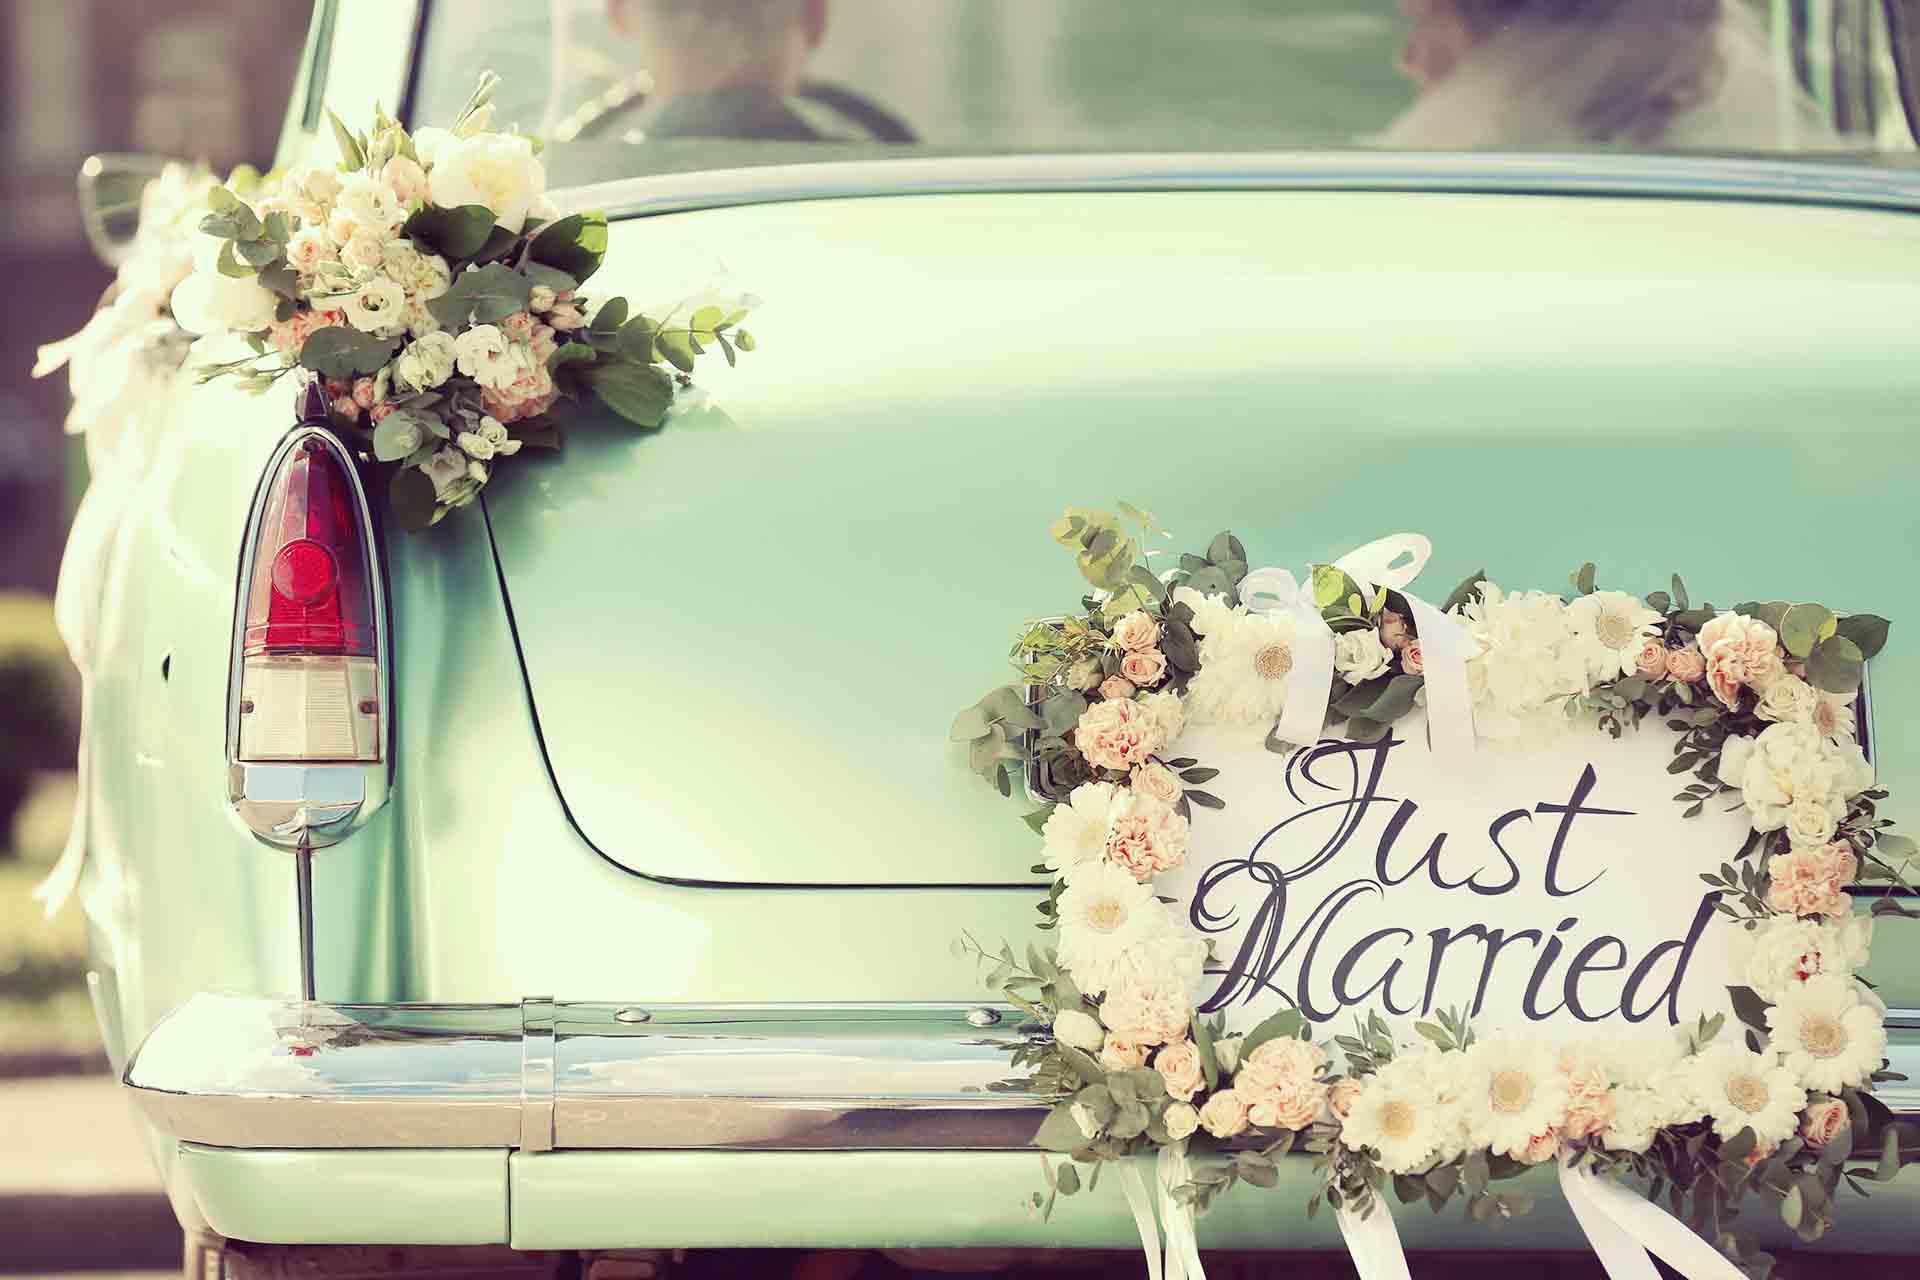 Si vas a casarte, elige bien: gananciales, participación o separación de bienes